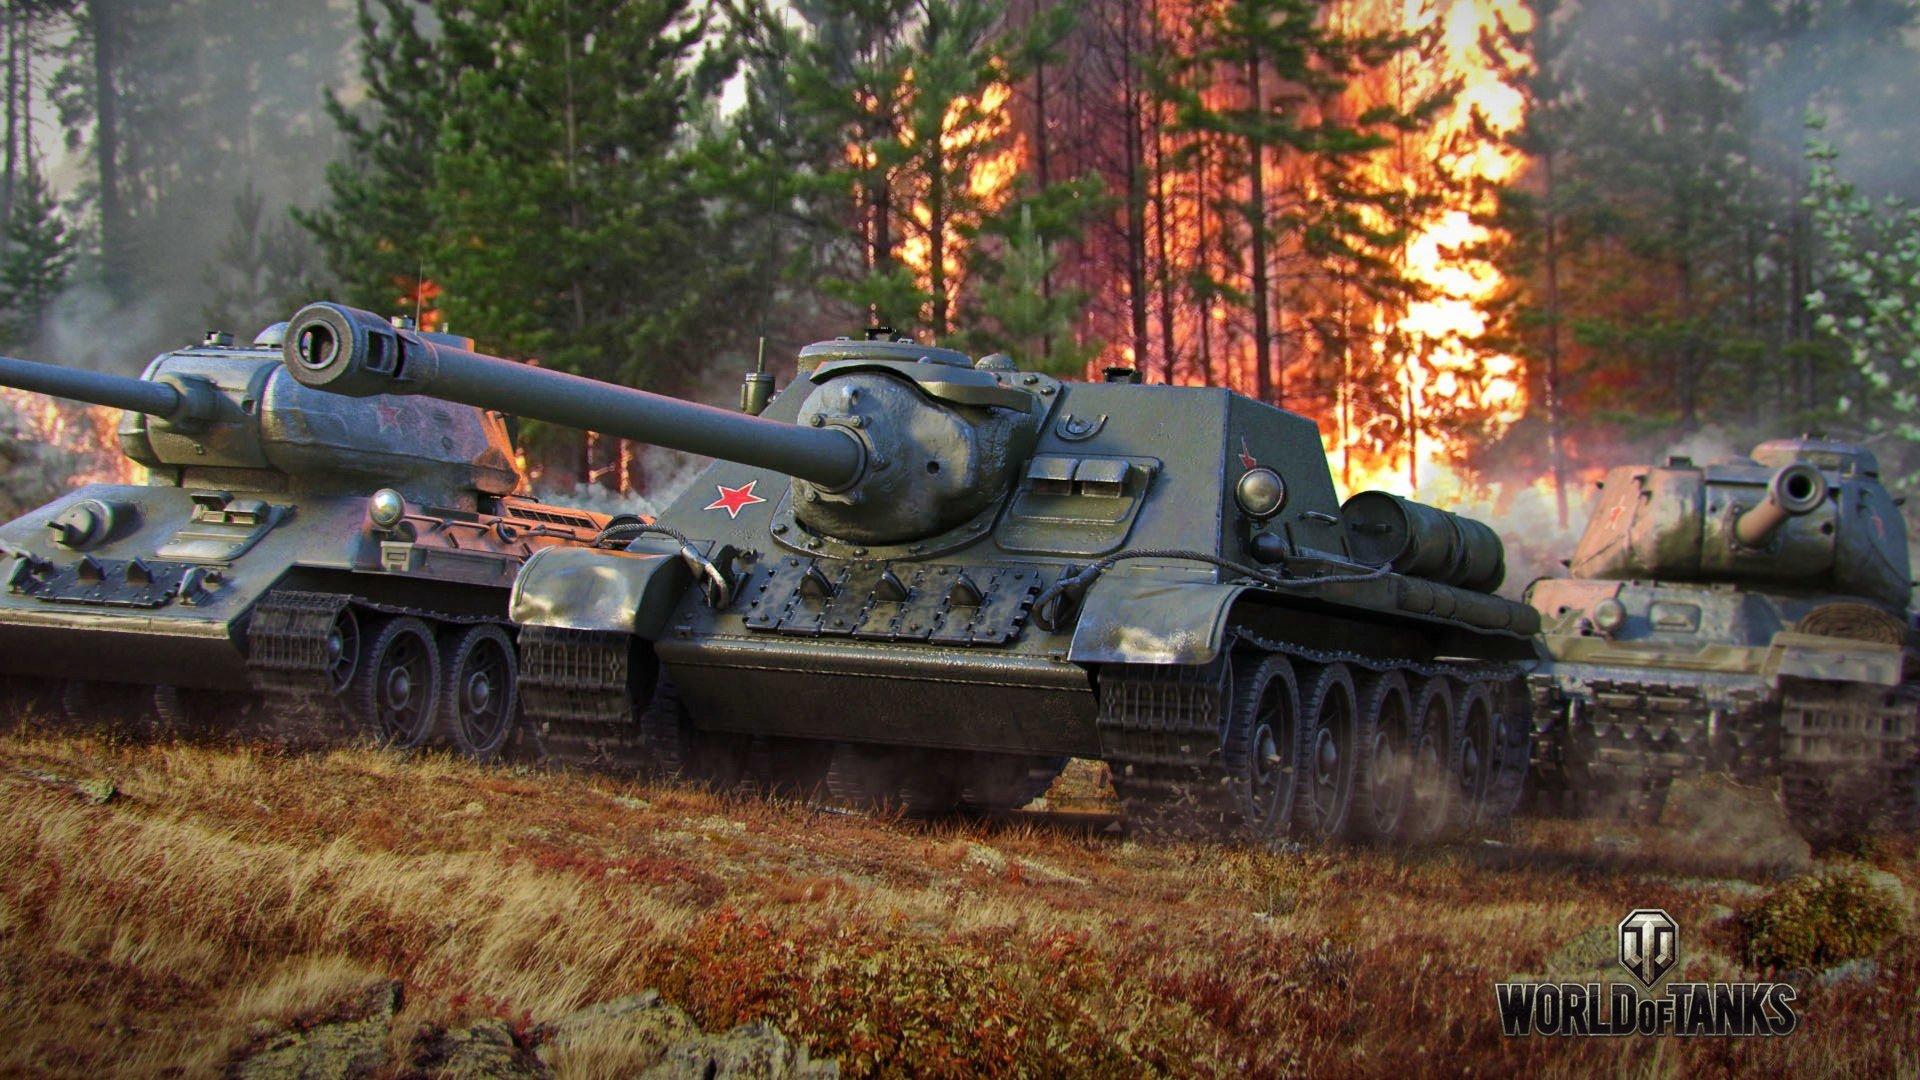 обои для рабочего стола танки 1920х1080 hd танки скачать № 213114 без смс